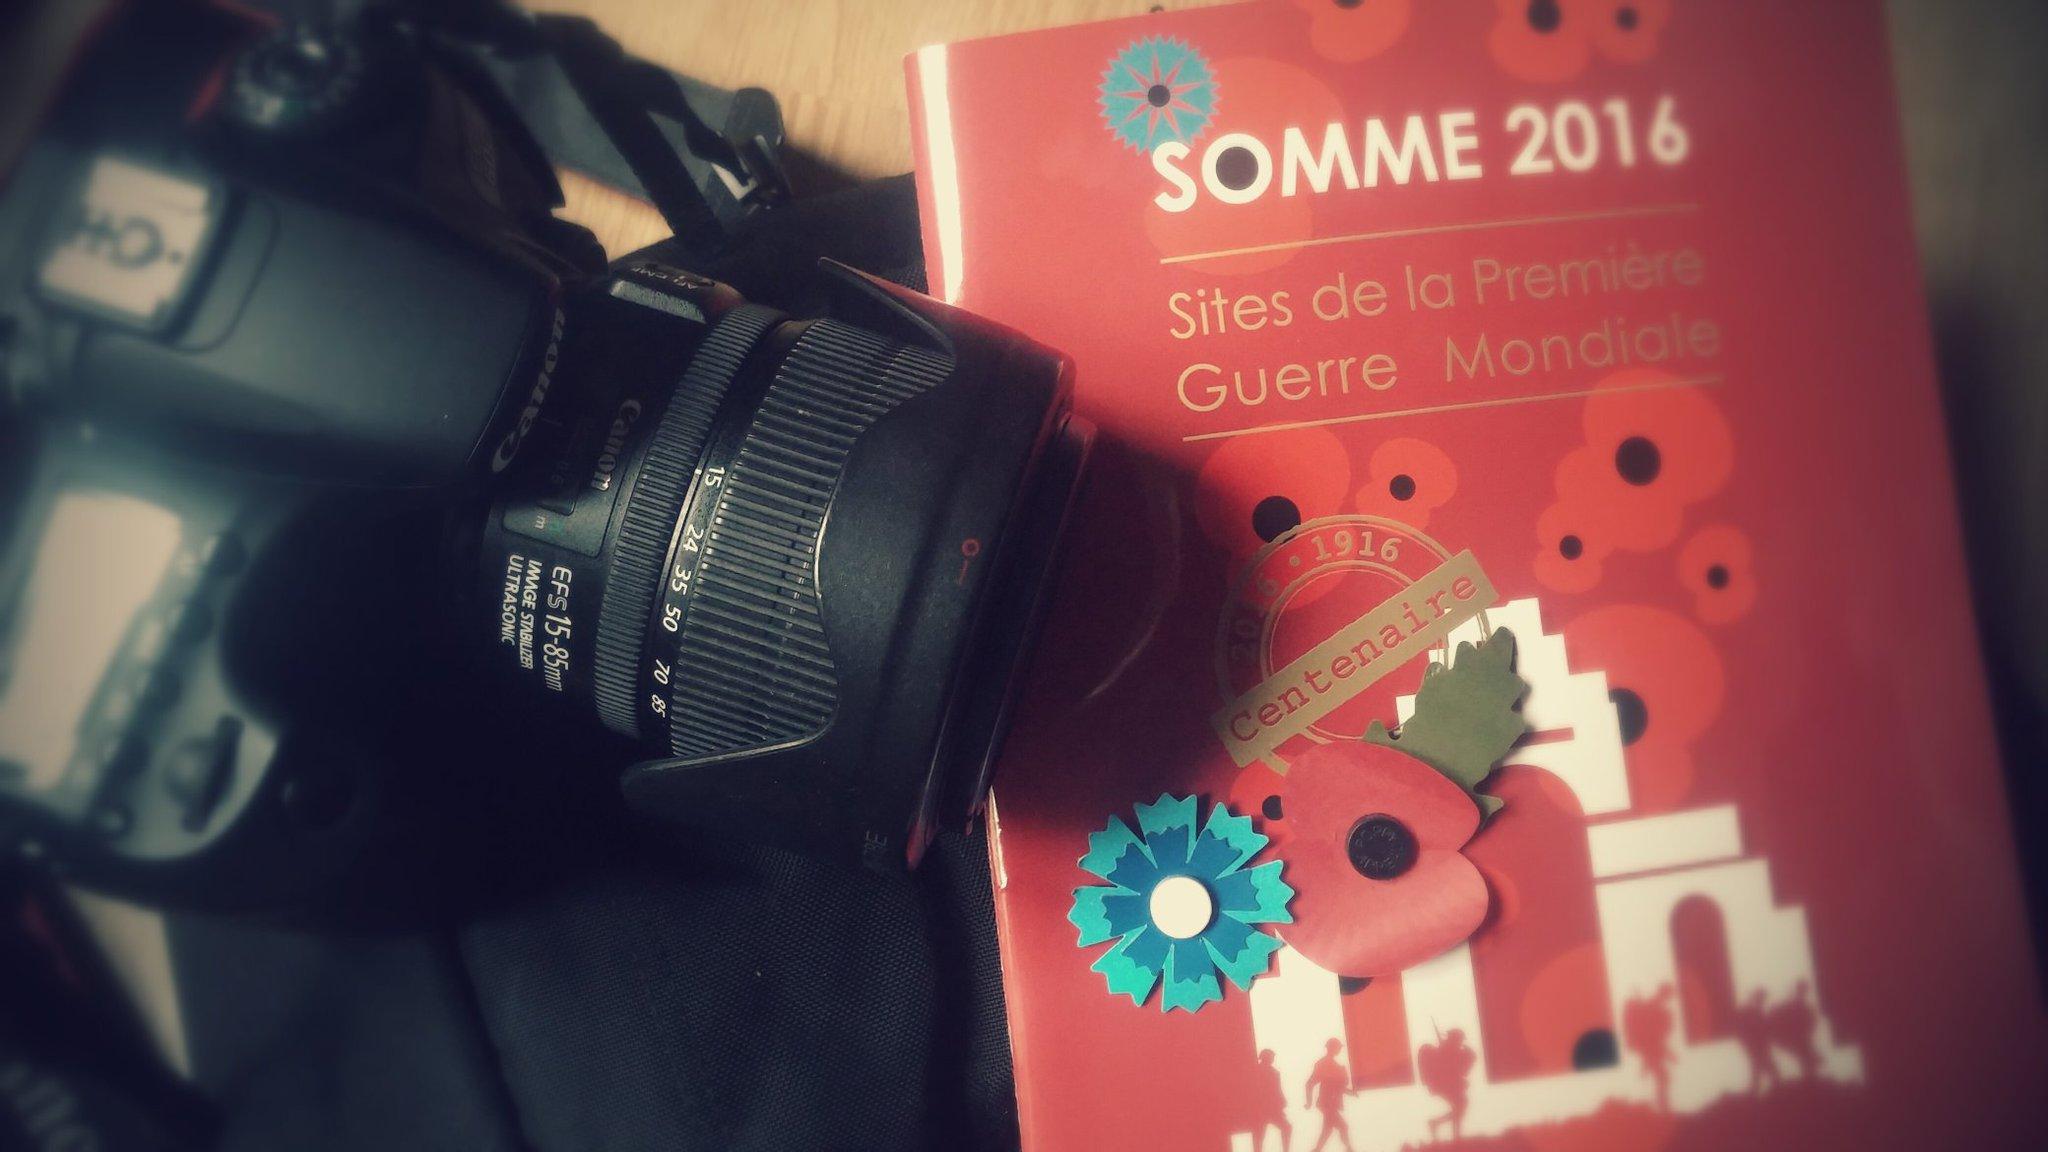 #Somme100  #1GM Le sac est prêt pour demain ! Je vous ferai vivre la cérémonie à Thiepval en direct pour @france24. https://t.co/ThY8edDhJv